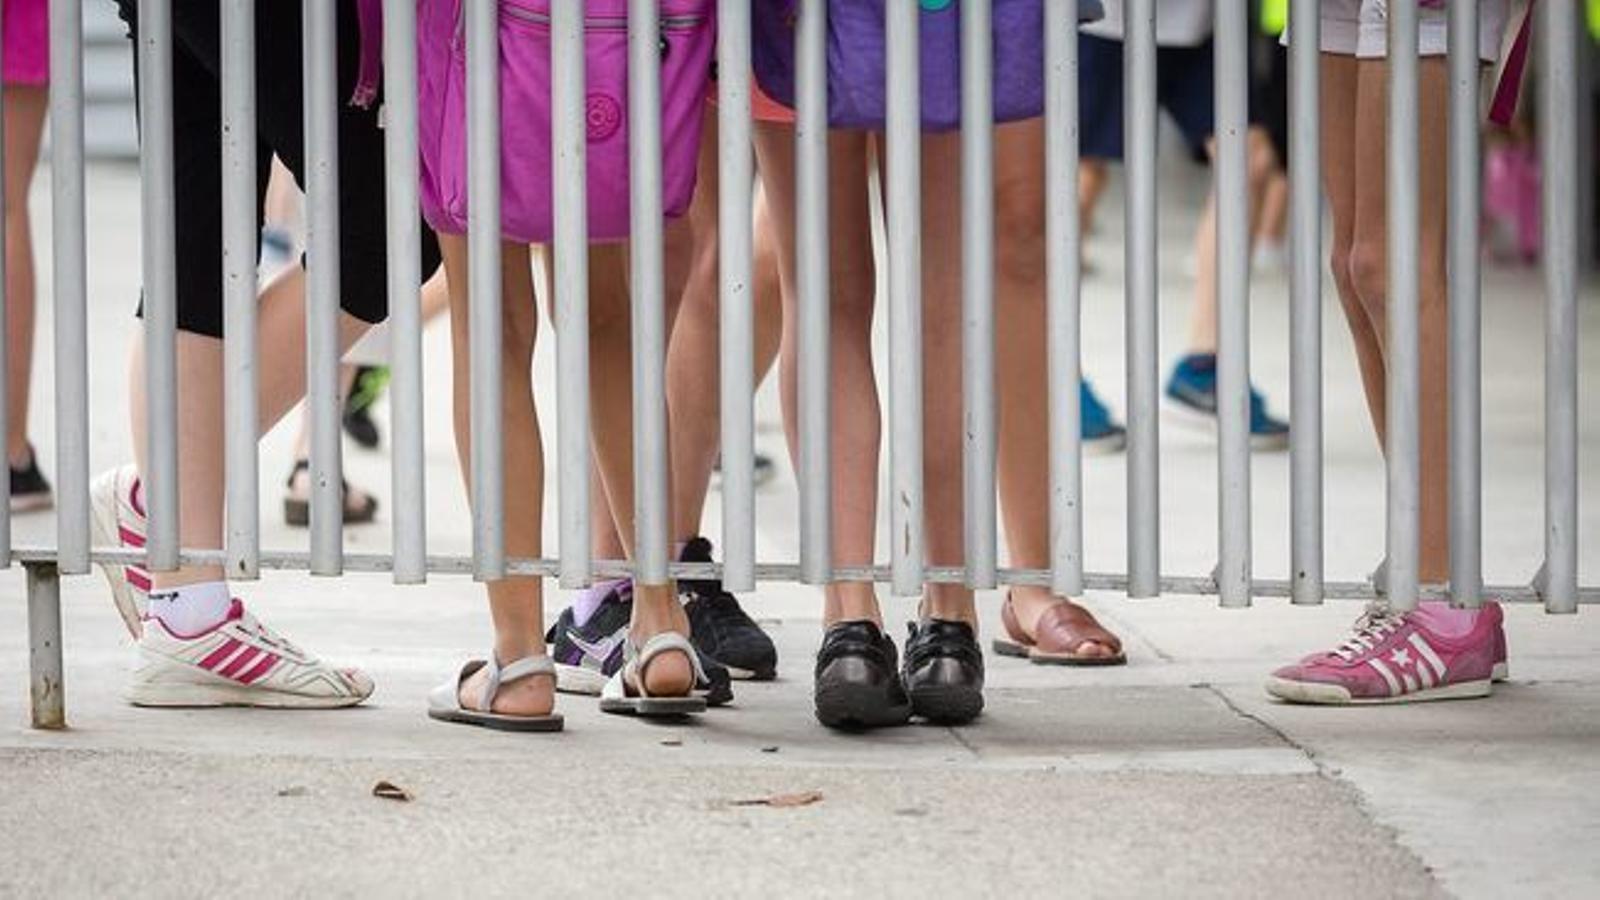 Els casos d'assetjament escolar han disminuït de forma lleugera